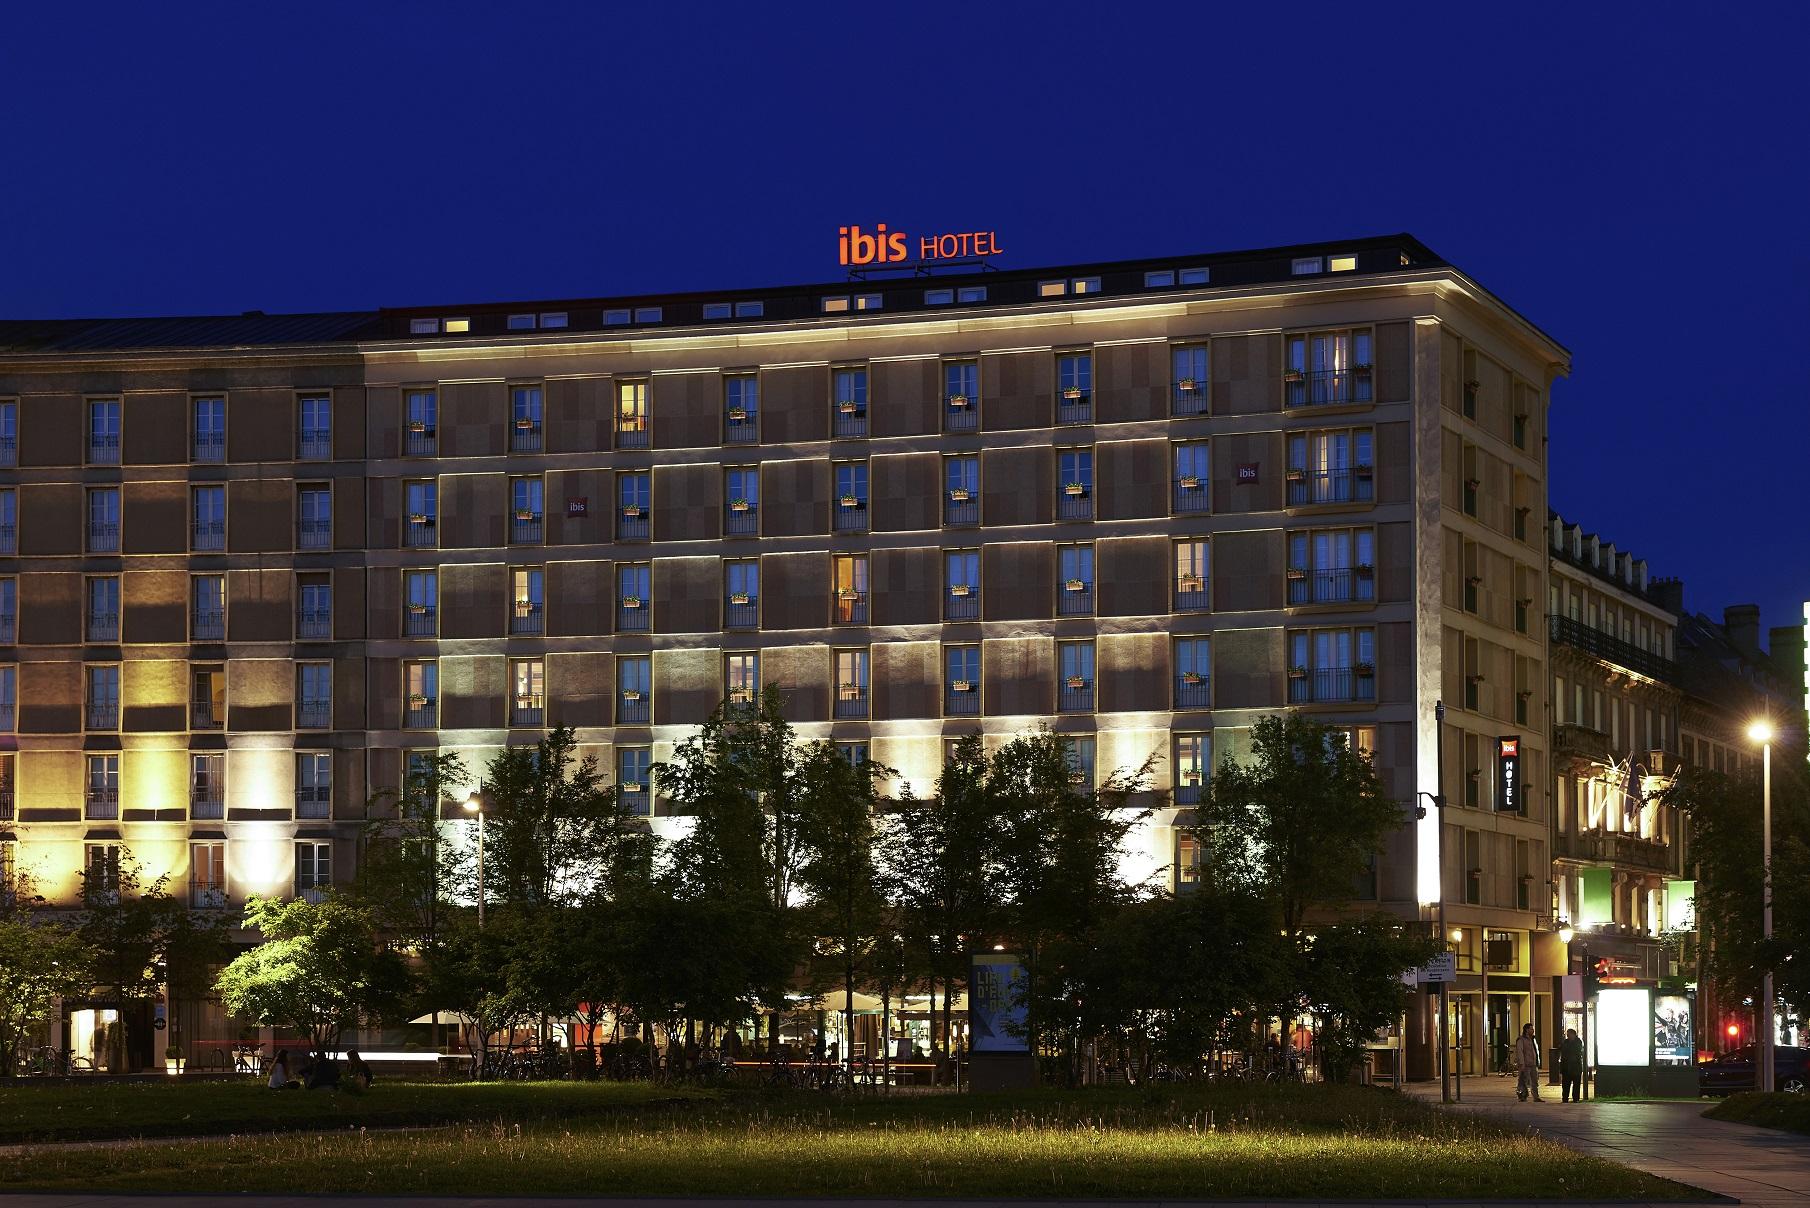 Hotel Ibis Gare Strasbourg